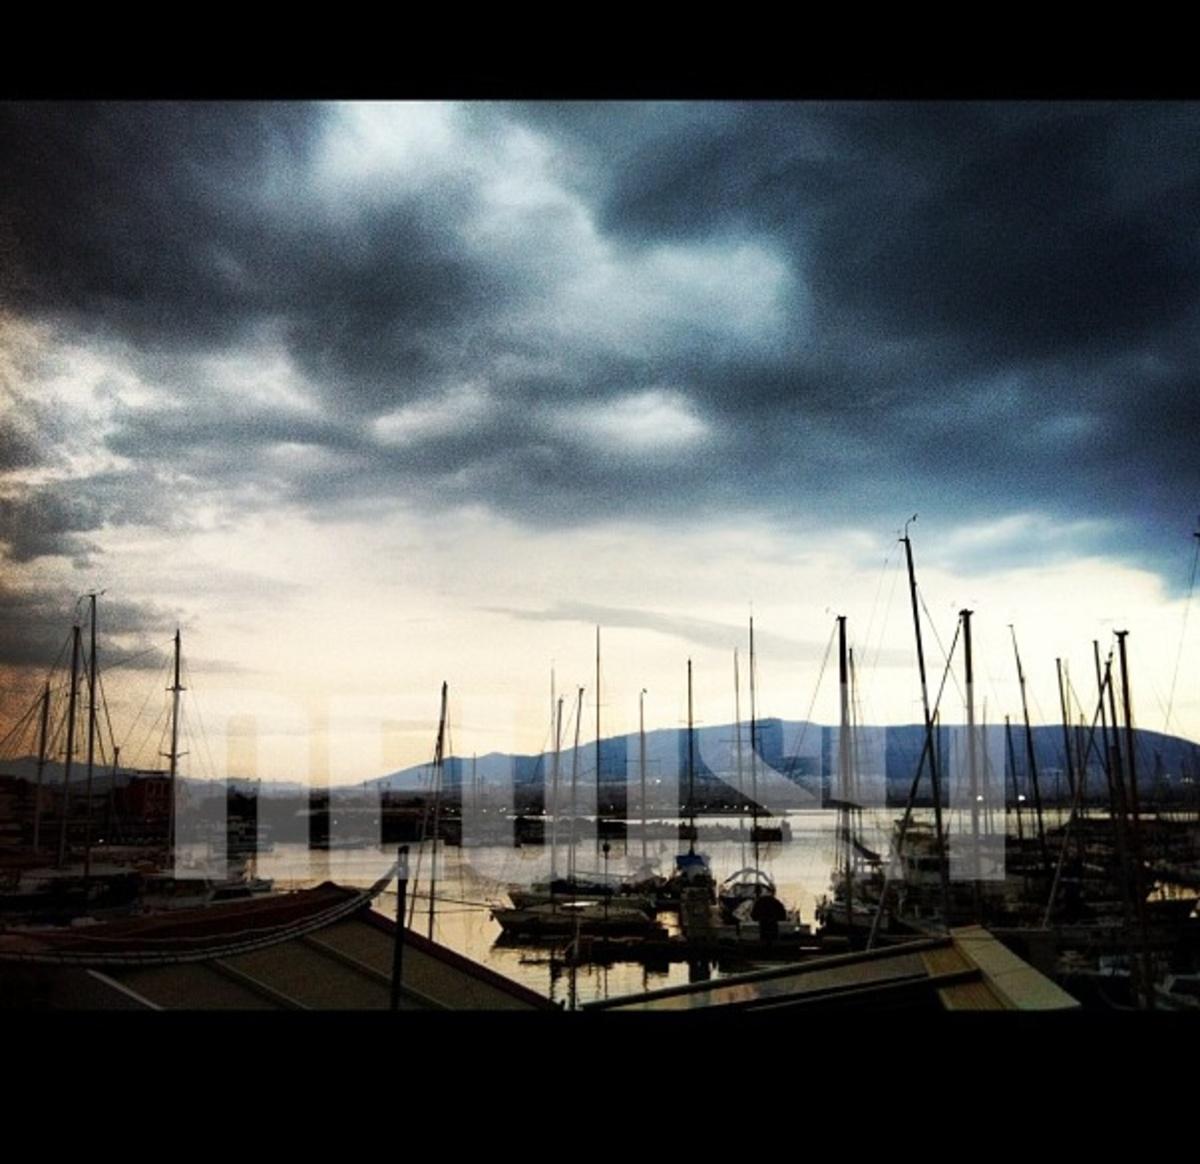 Επιτέλους λίγη δροσιά – Αναλυτική πρόγνωση του καιρού μέχρι την Πέμπτη | Newsit.gr